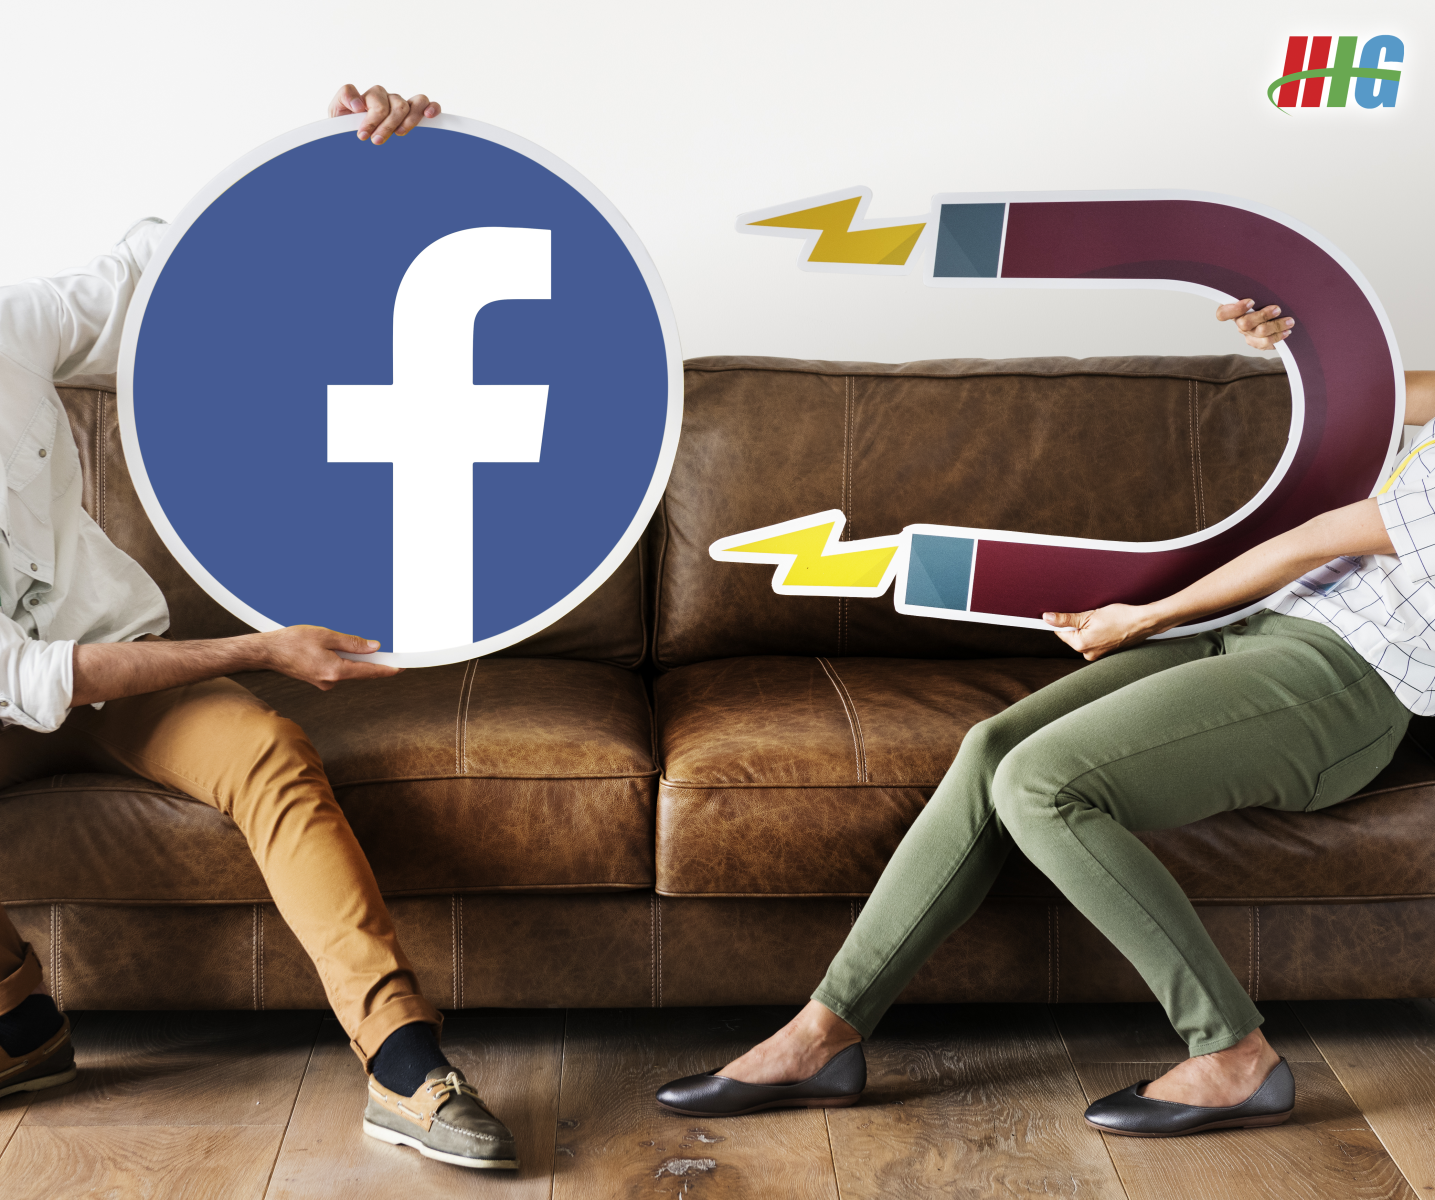 Kinh nghiệm bán hàng trên facebook bằng profile mới nhất 2019